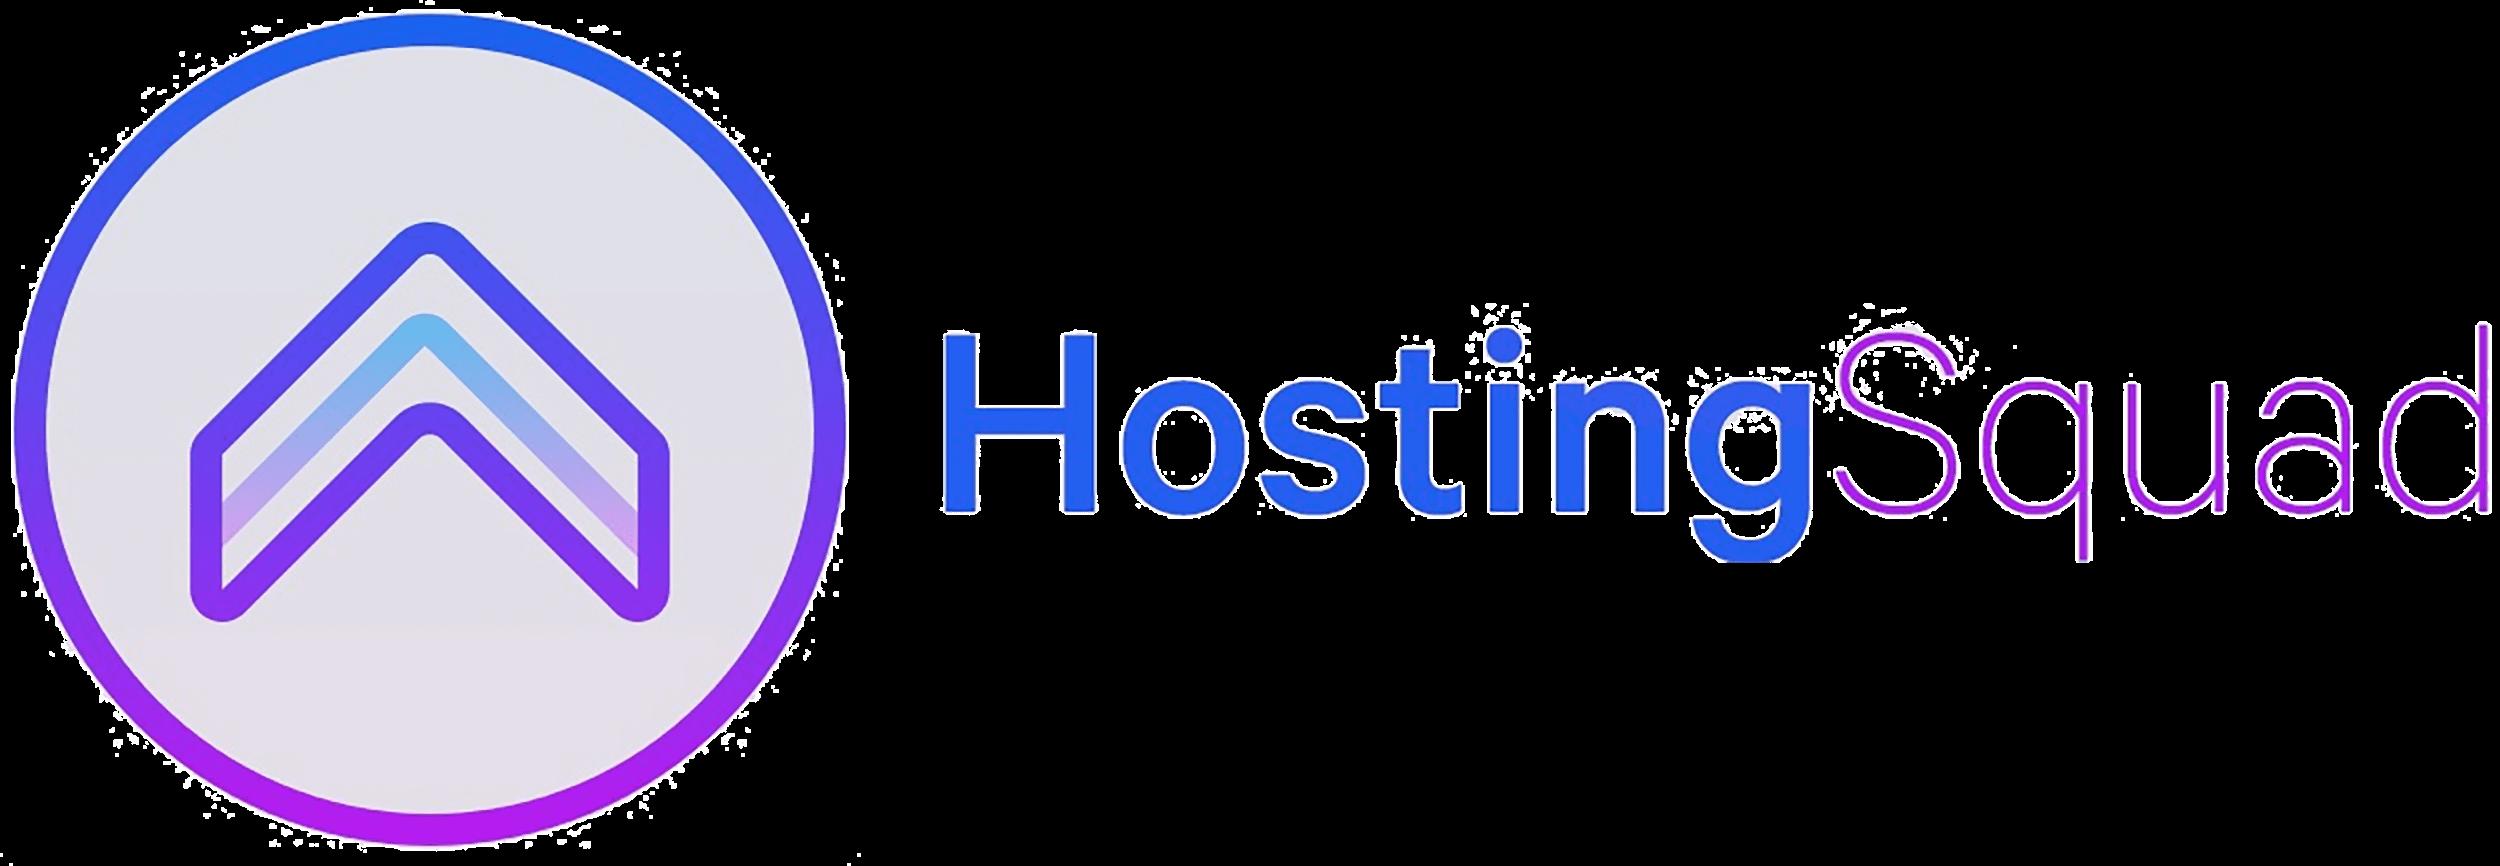 HostingSquad